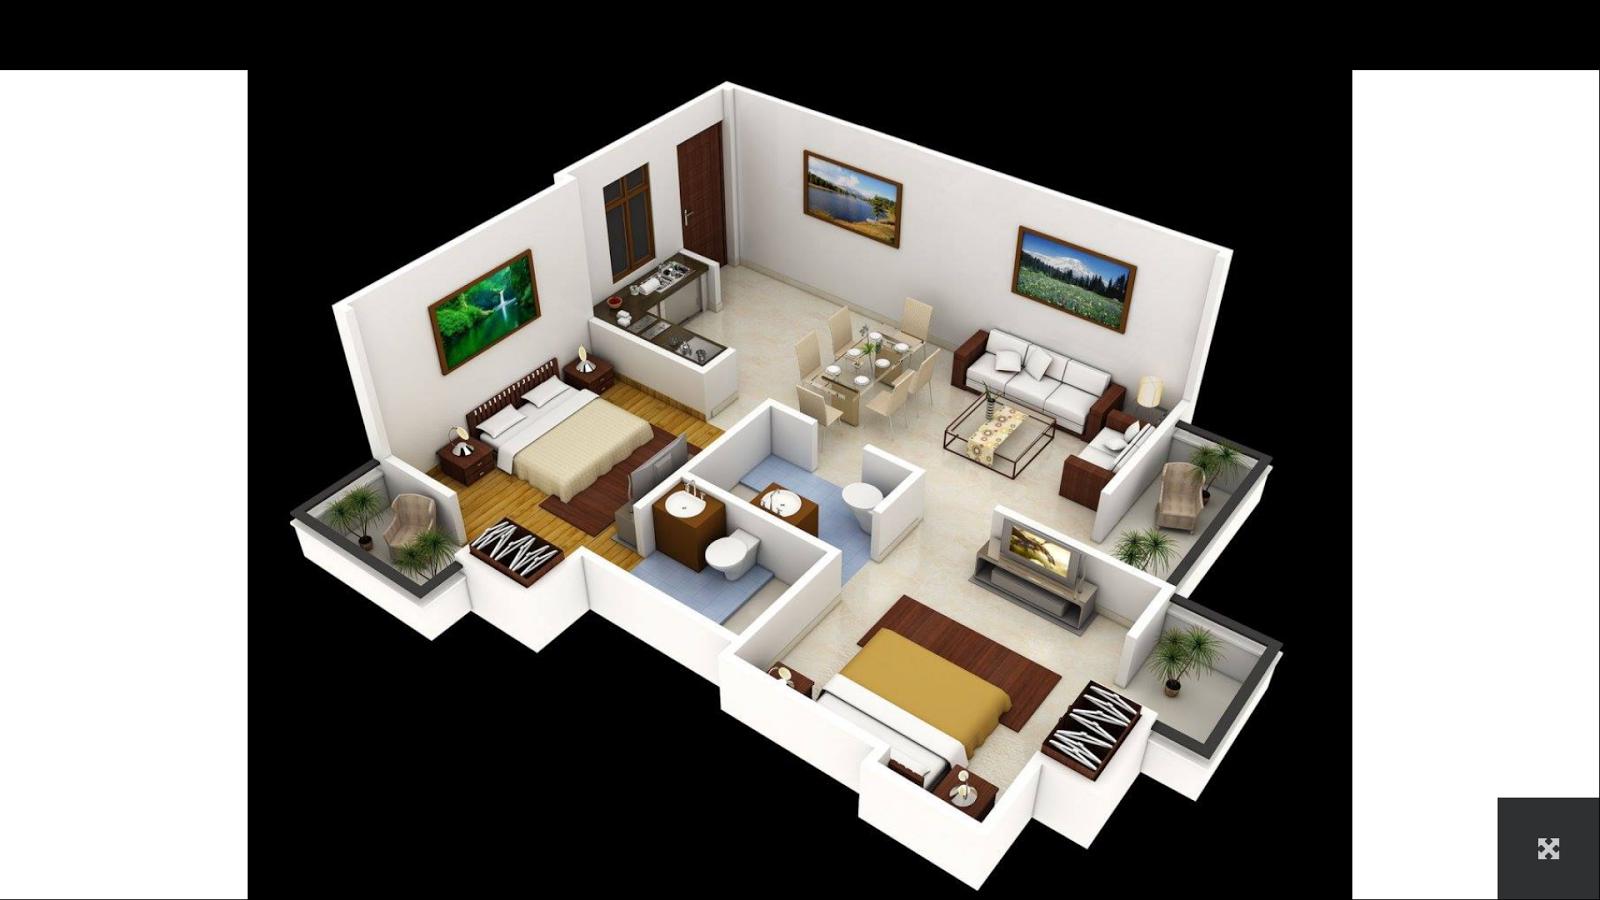 Home Design 3d 1 3 1 Mod Apk 3d House Plans 1 2 Apk Download Android Lifestyle Apps